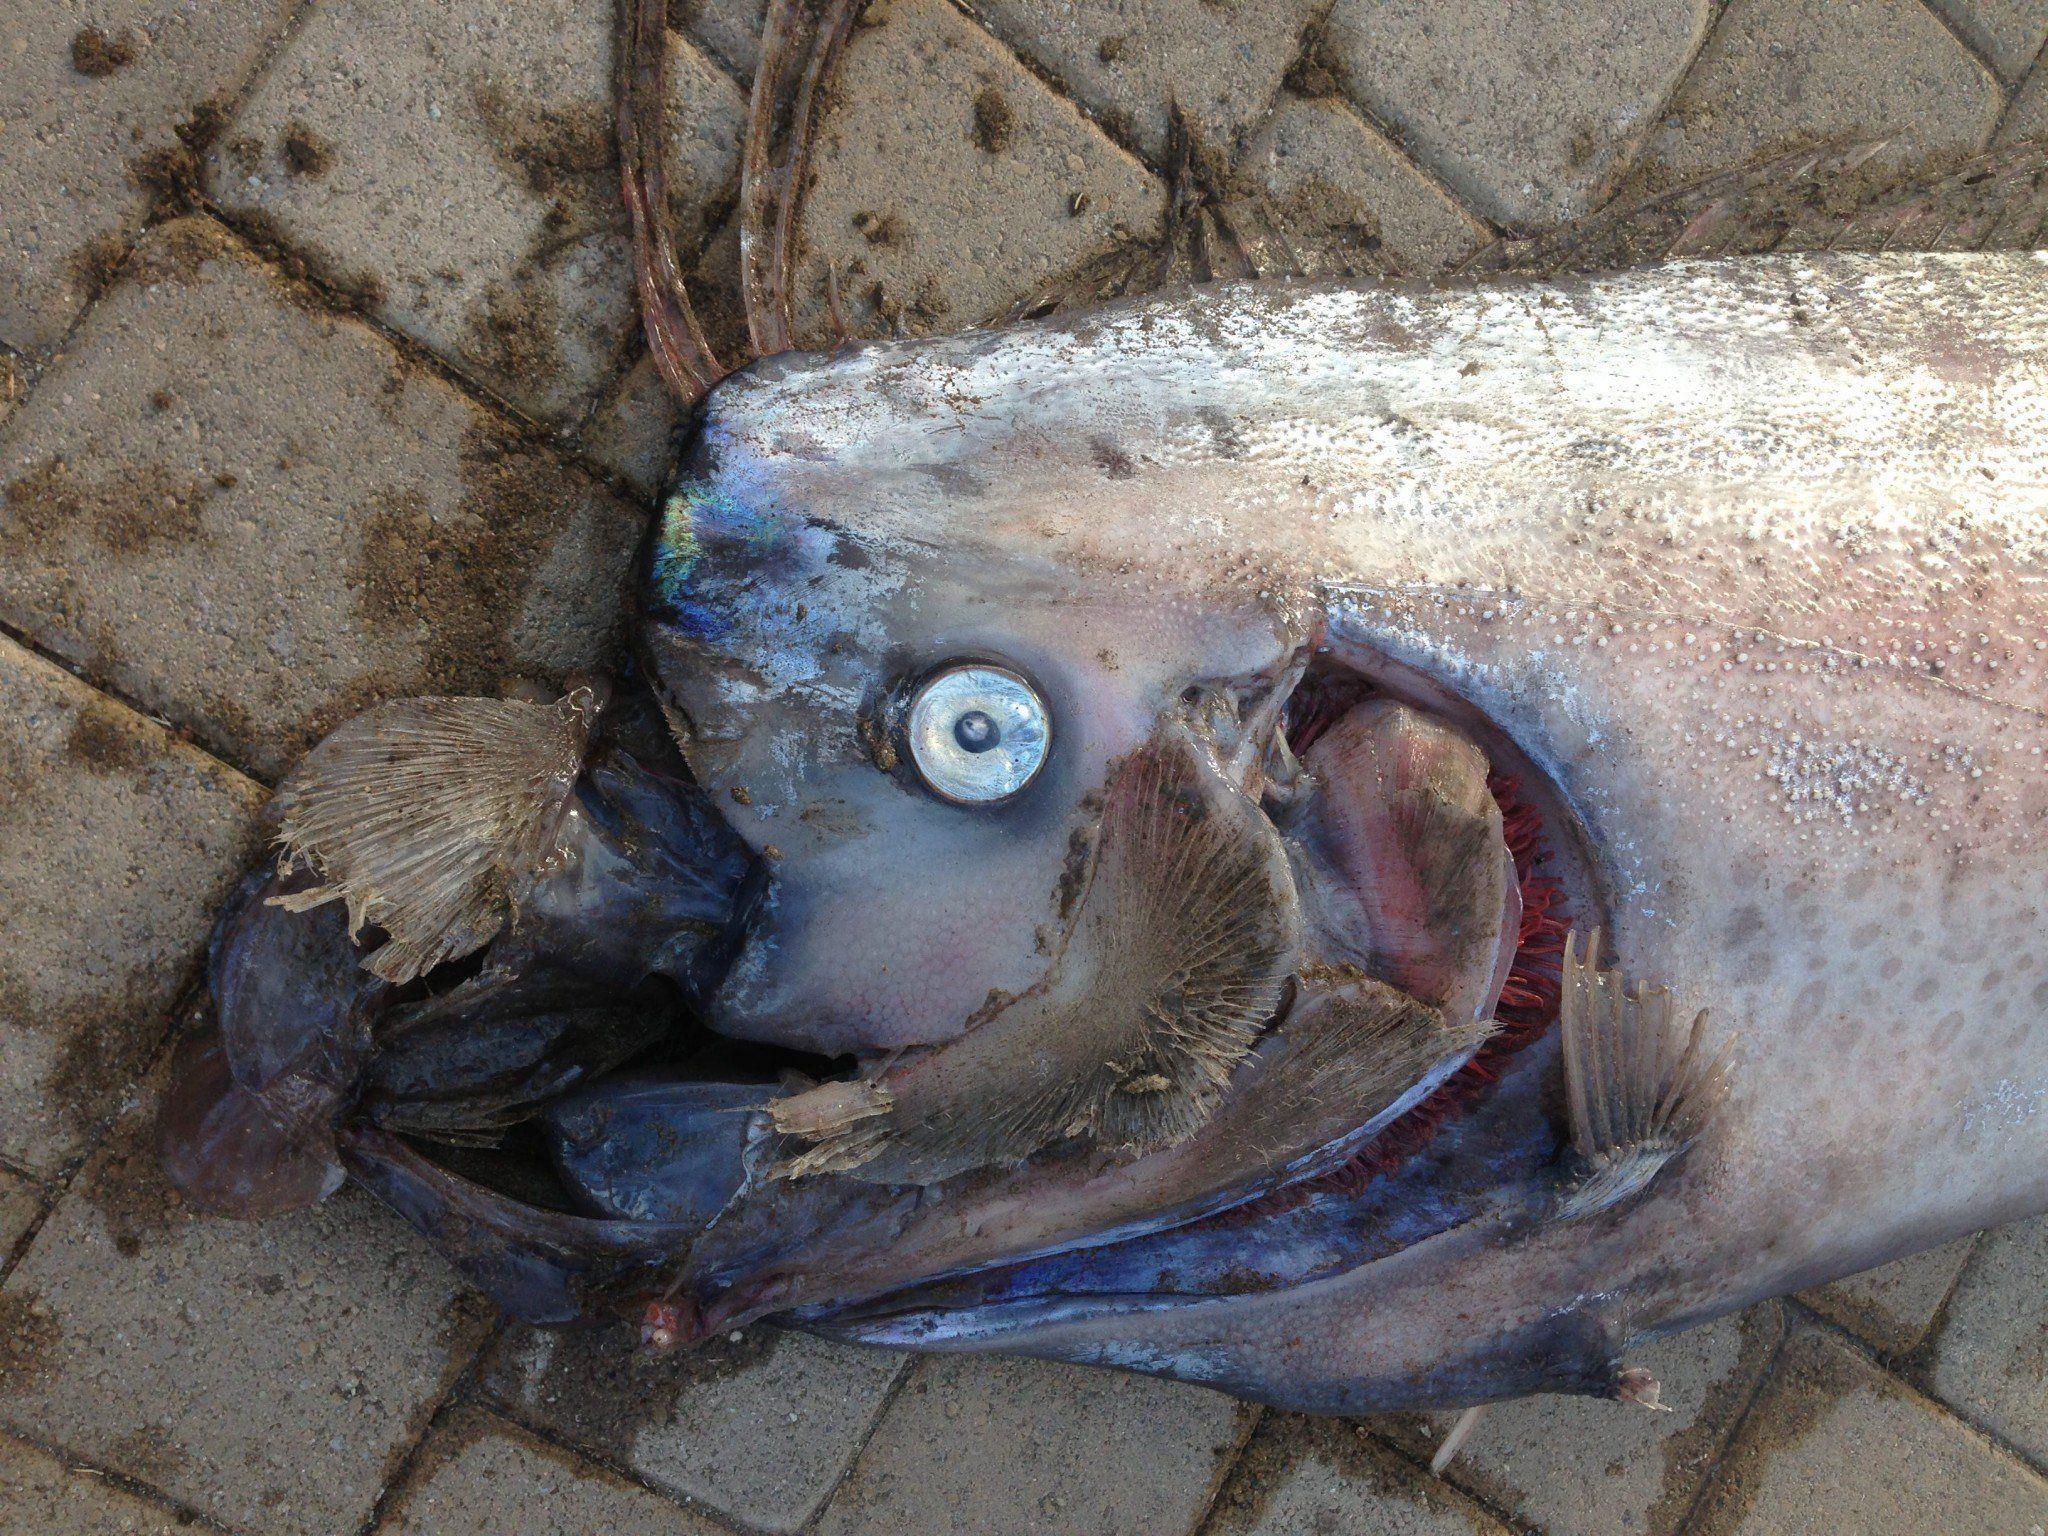 Dieser fünf Meter lange Riemenfisch wurde in Kalifornien gefunden.